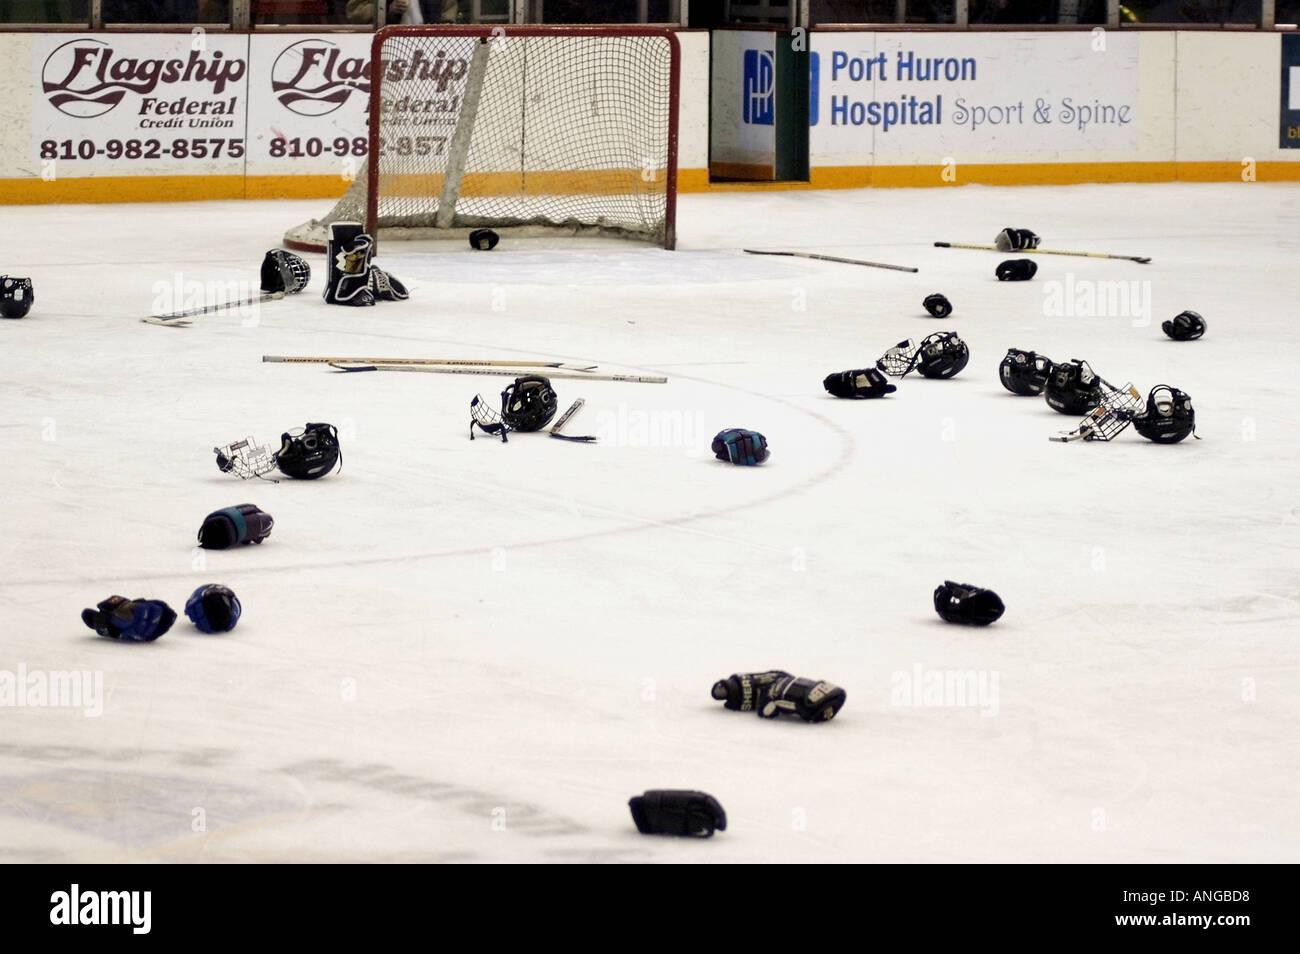 Tournoi de hockey sur glace International Silver Stick action séries éliminatoires de hockey gants Port Photo Stock